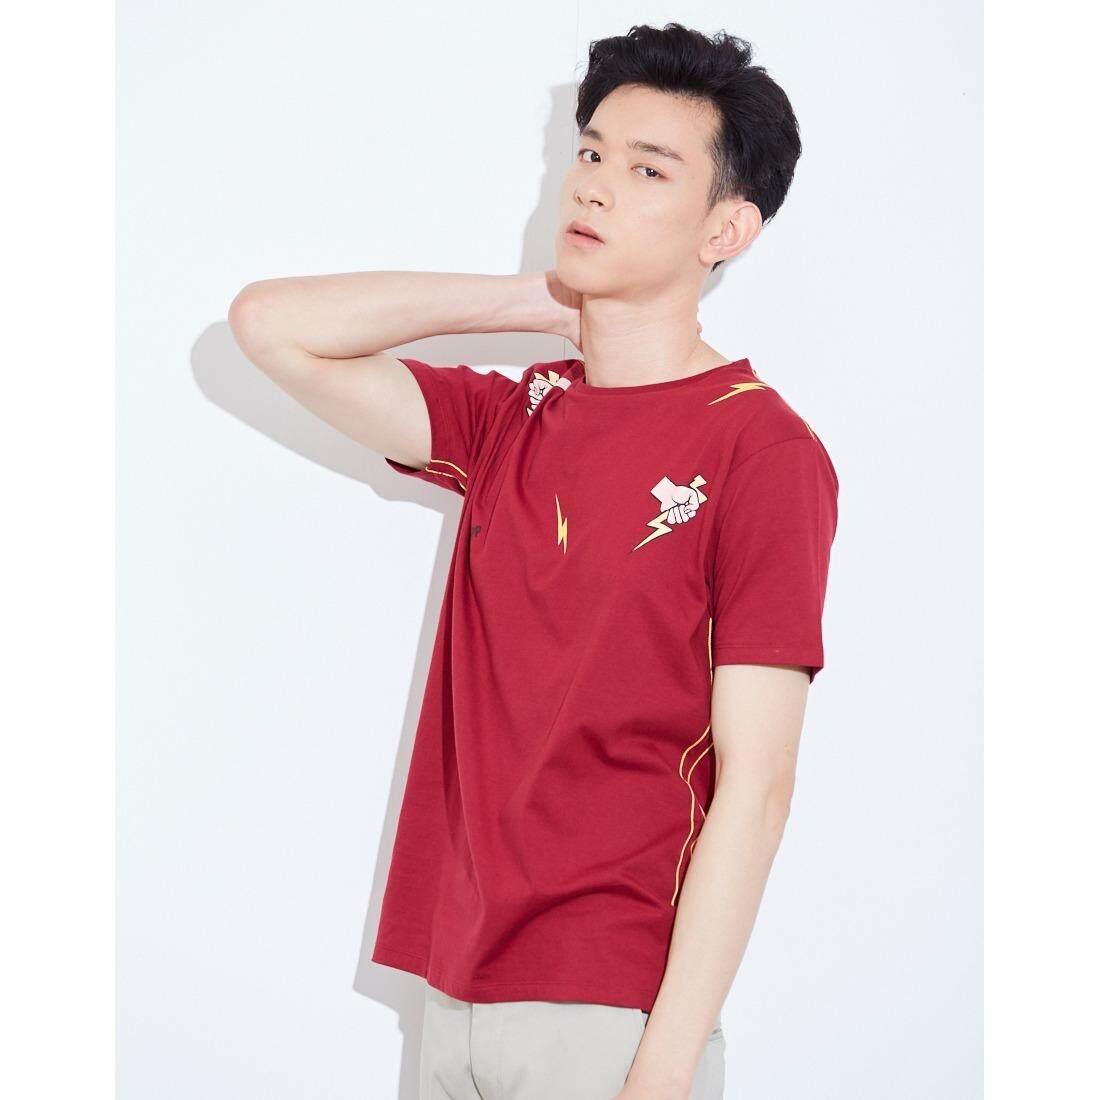 ส่วนลด Da Pp เสื้อยืดสีแดง พิมพ์ลายสายฟ้า สำหรับผู้ชาย Da Pp